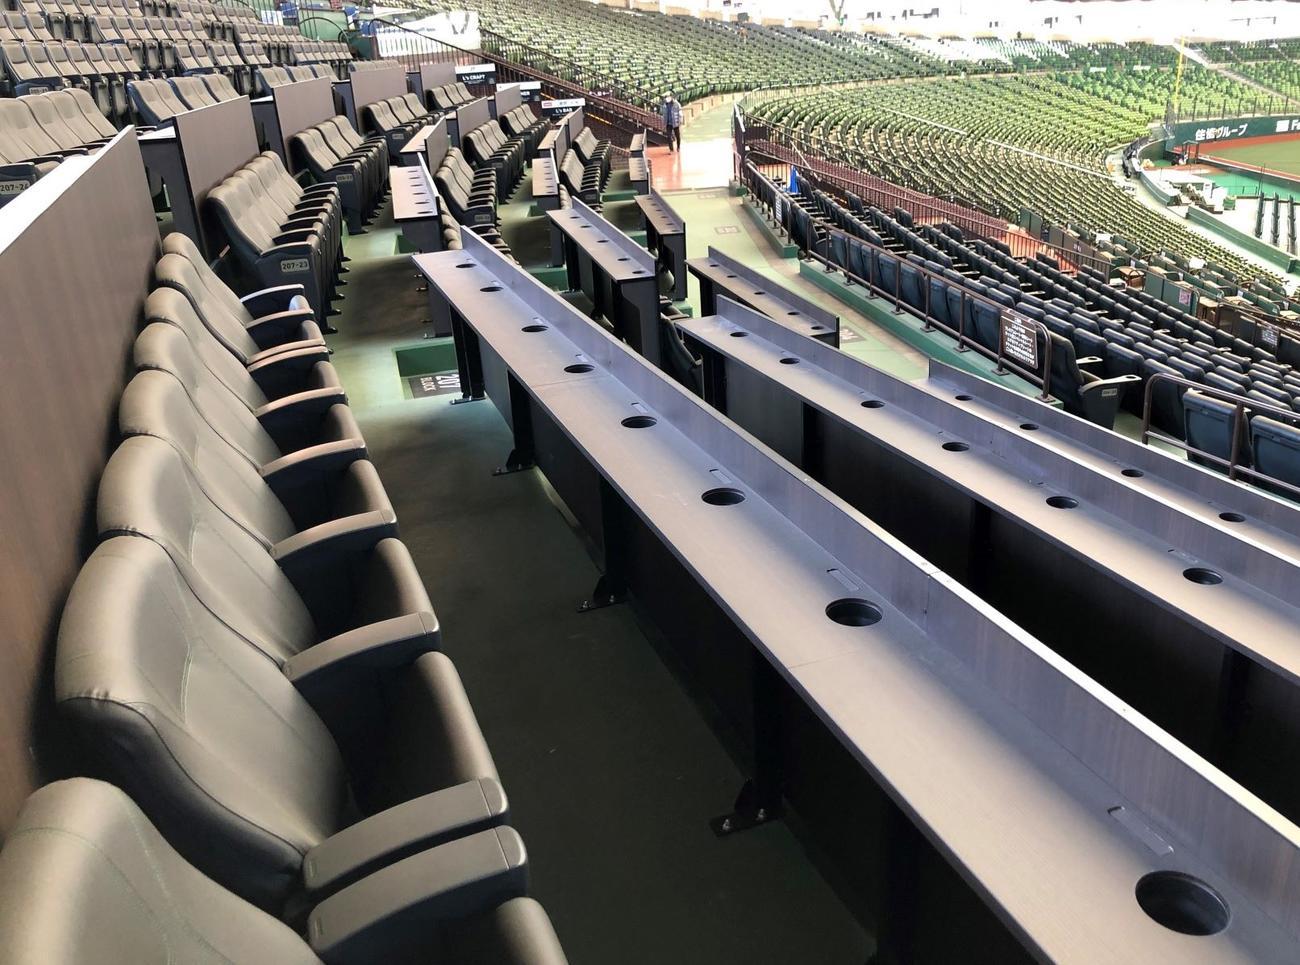 西武の本拠地メットライフドームに新設された「ネット裏指定席」(球団提供)